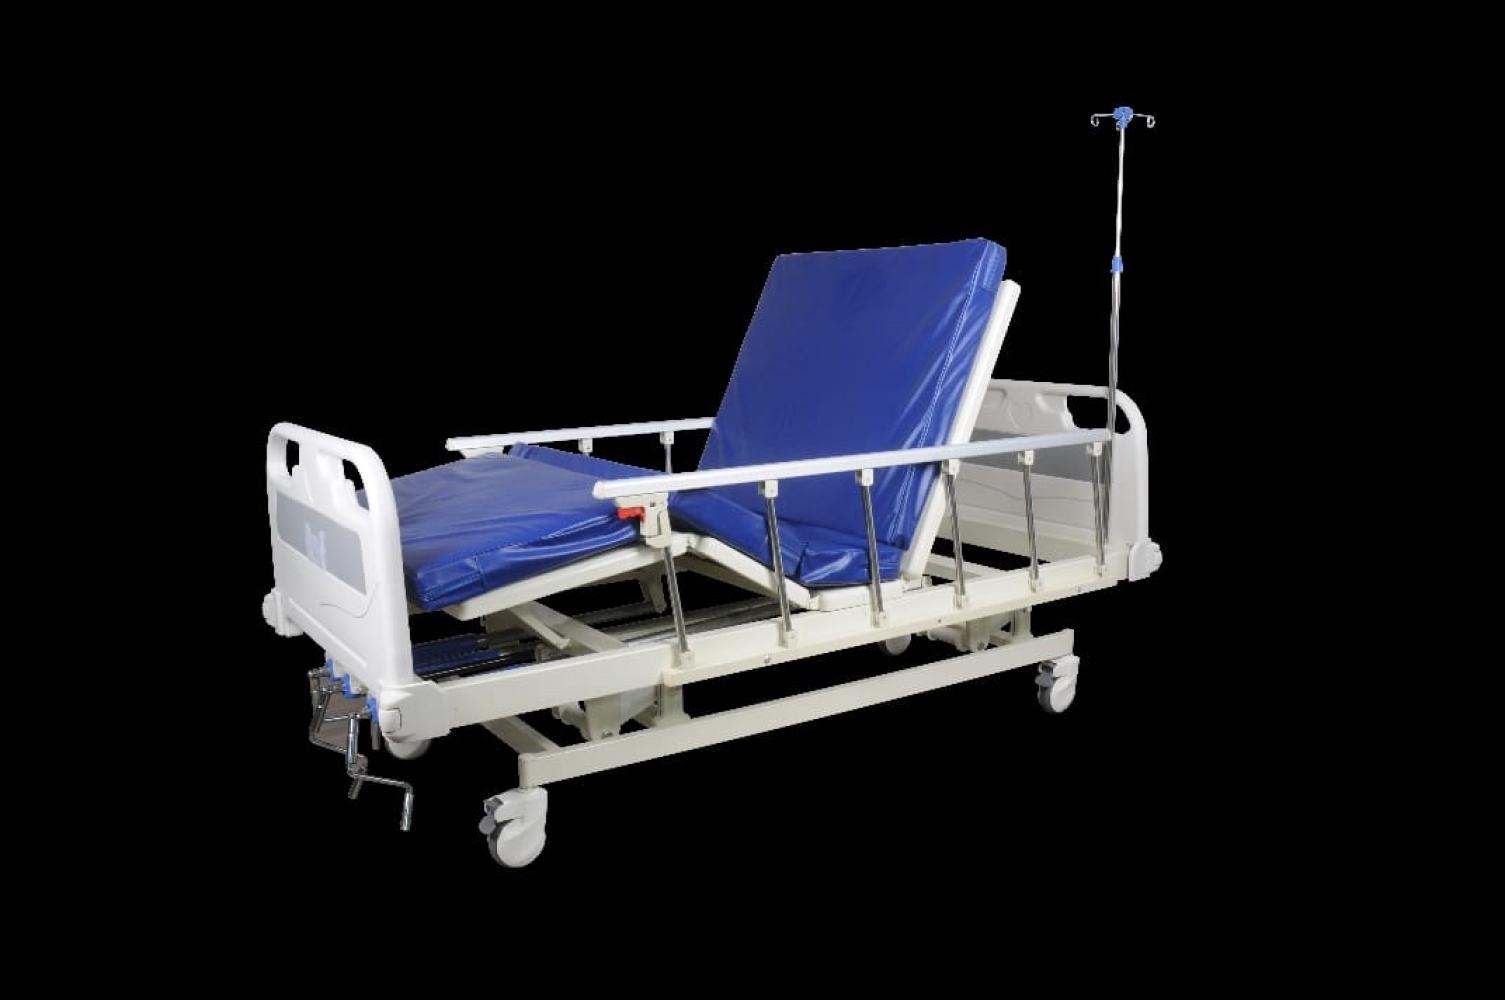 3 CRANK HOSPITAL BED MANUAL